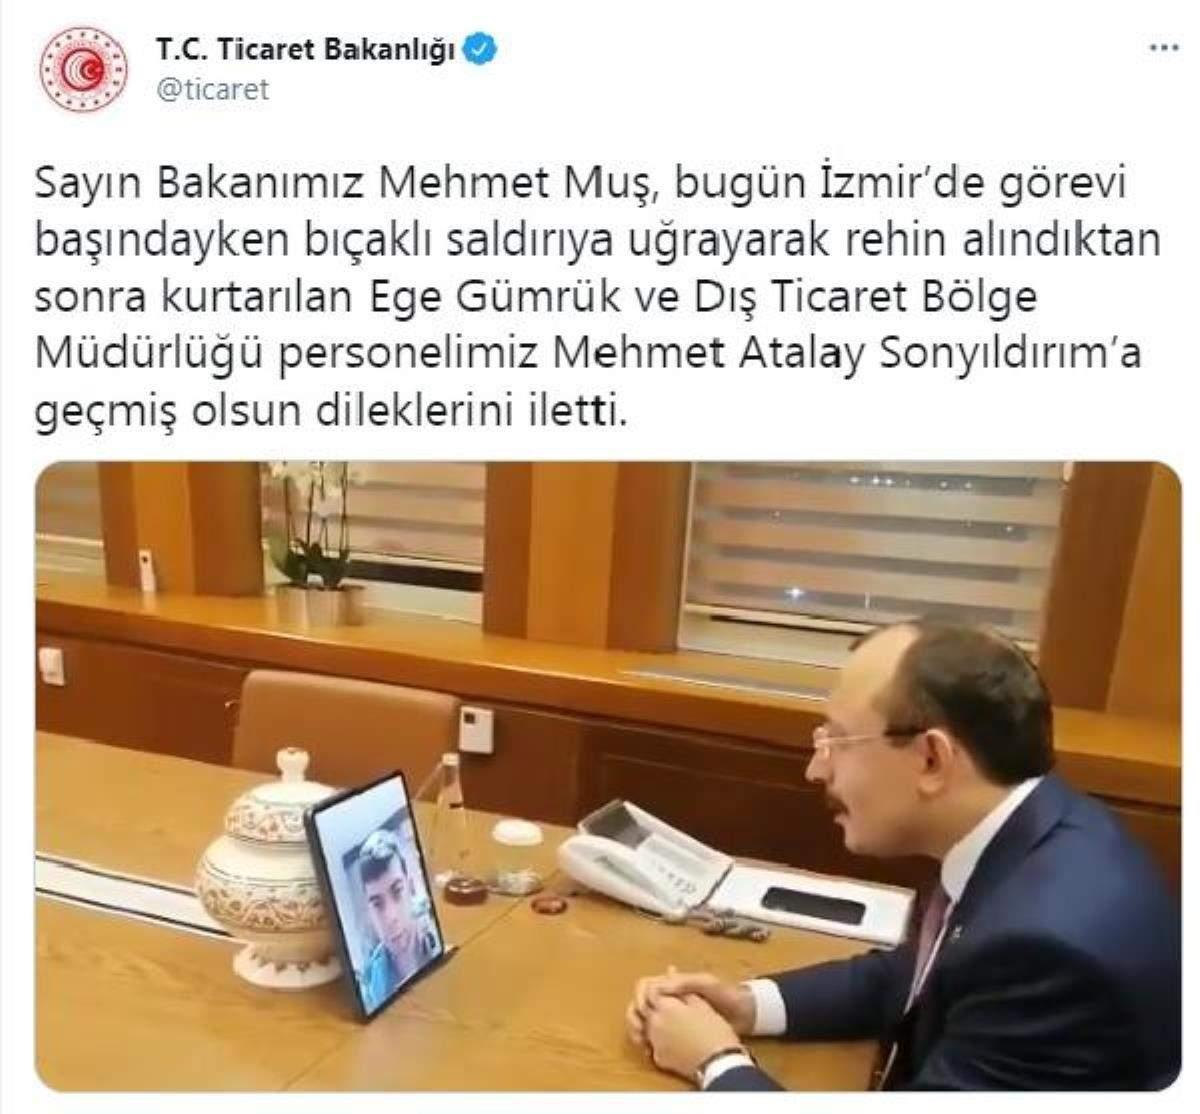 Bakan Muş, İzmir de rehin alınan Sonyıldırım ile görüştü